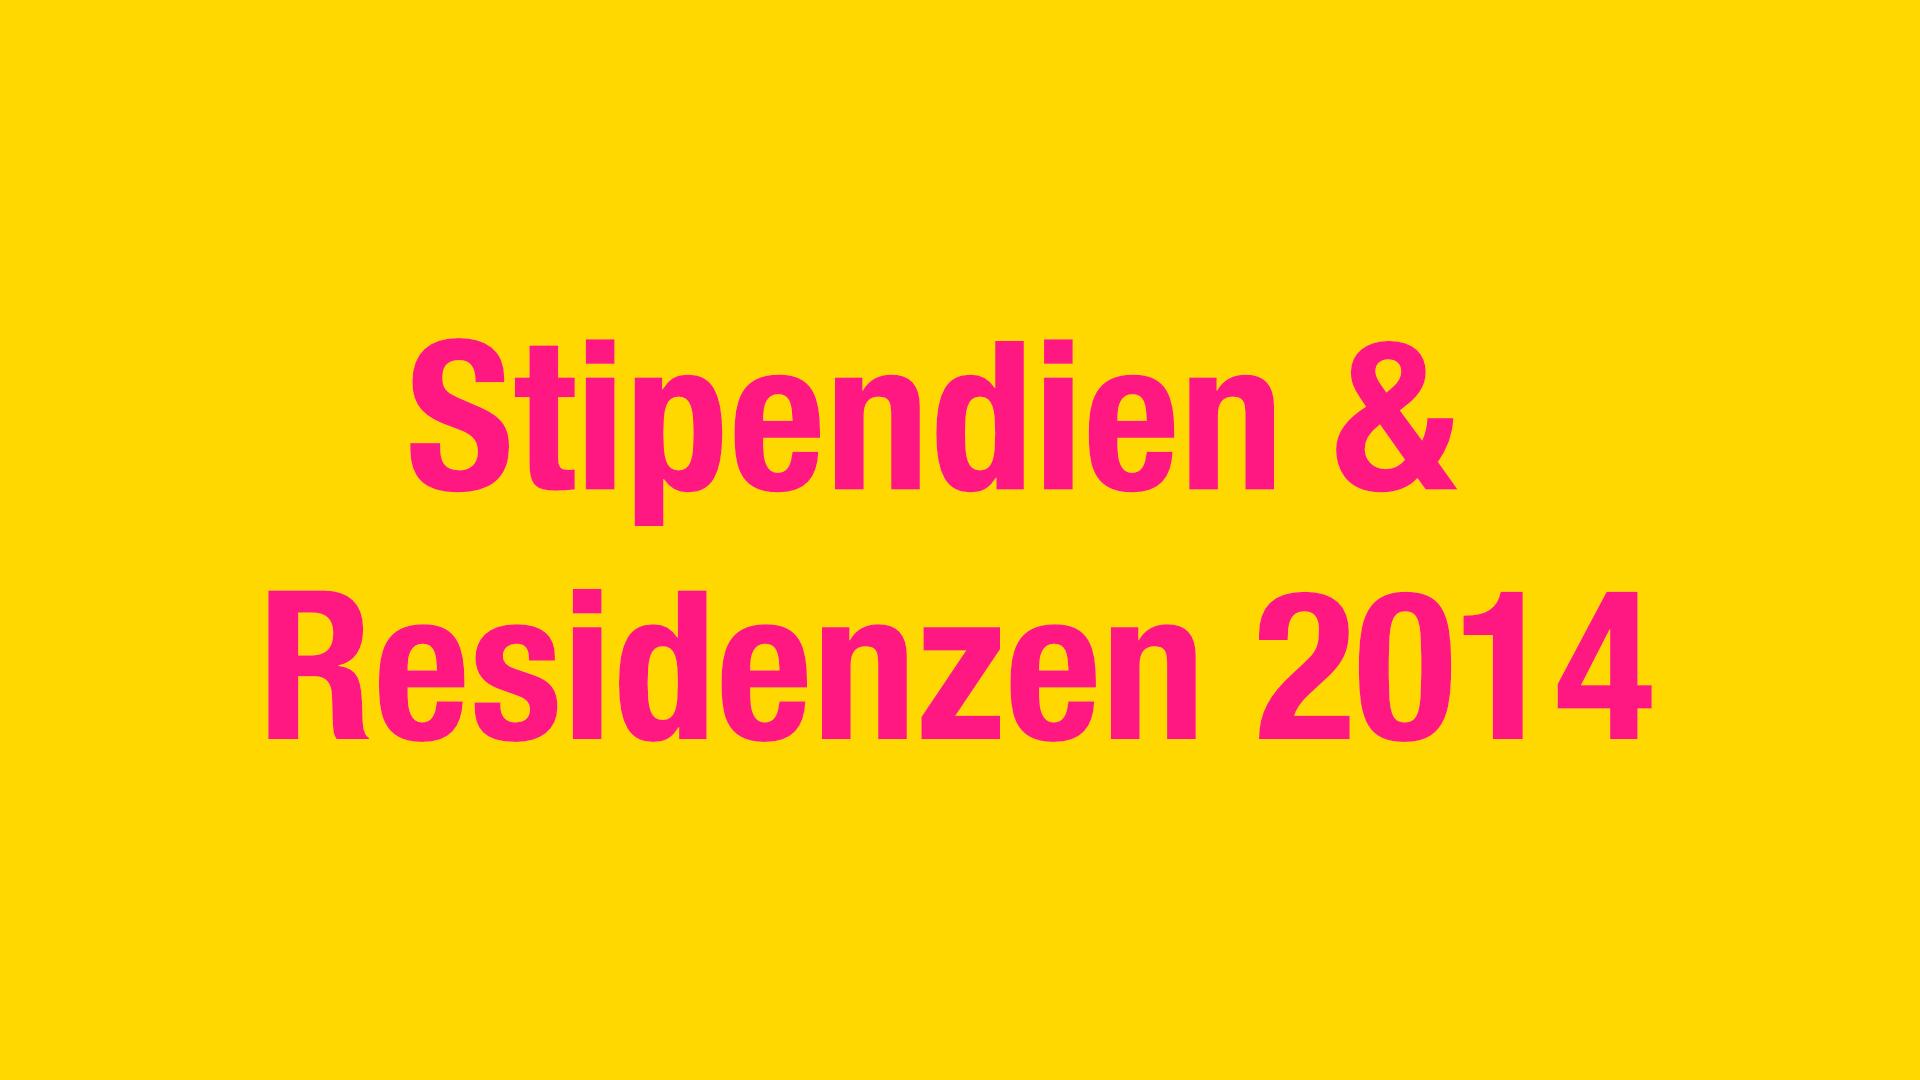 Stipendien & Residenzen 2014